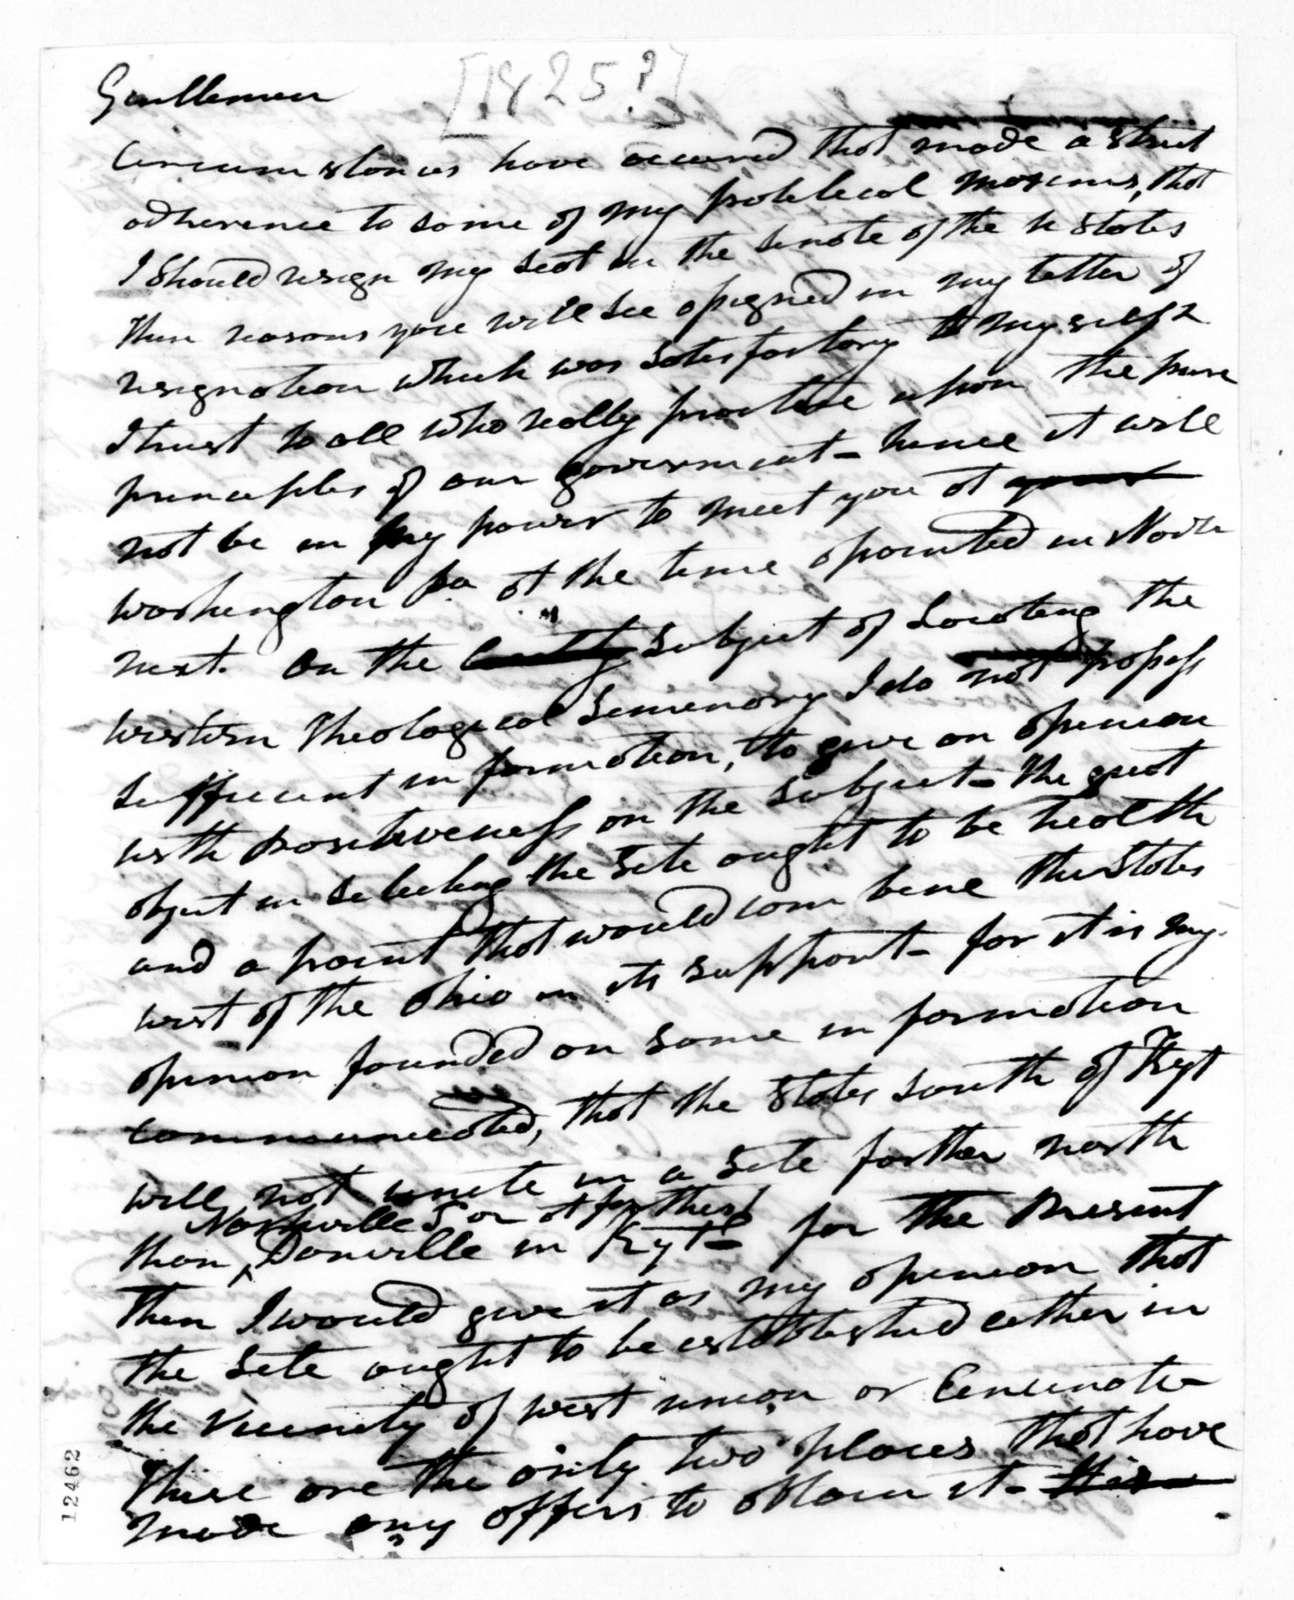 Andrew Jackson to Congress